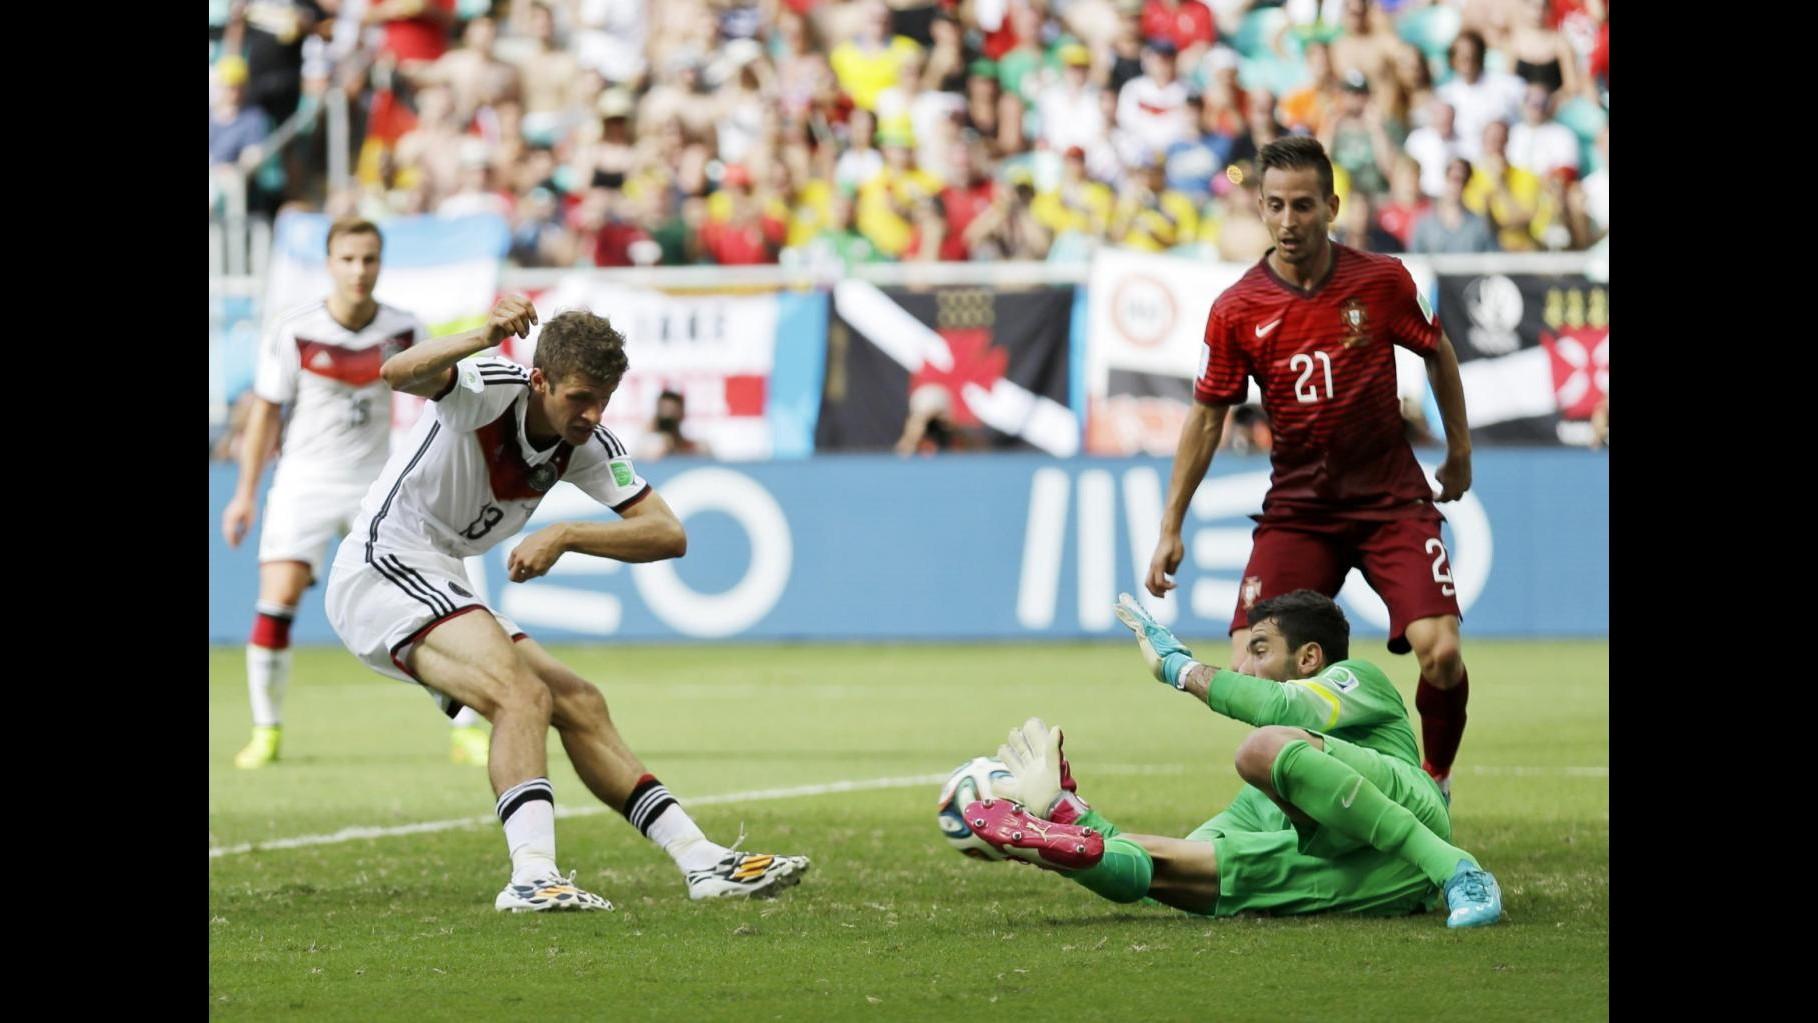 Mondiali 2014, Muller: Fantastico segnare tripletta all'esordio